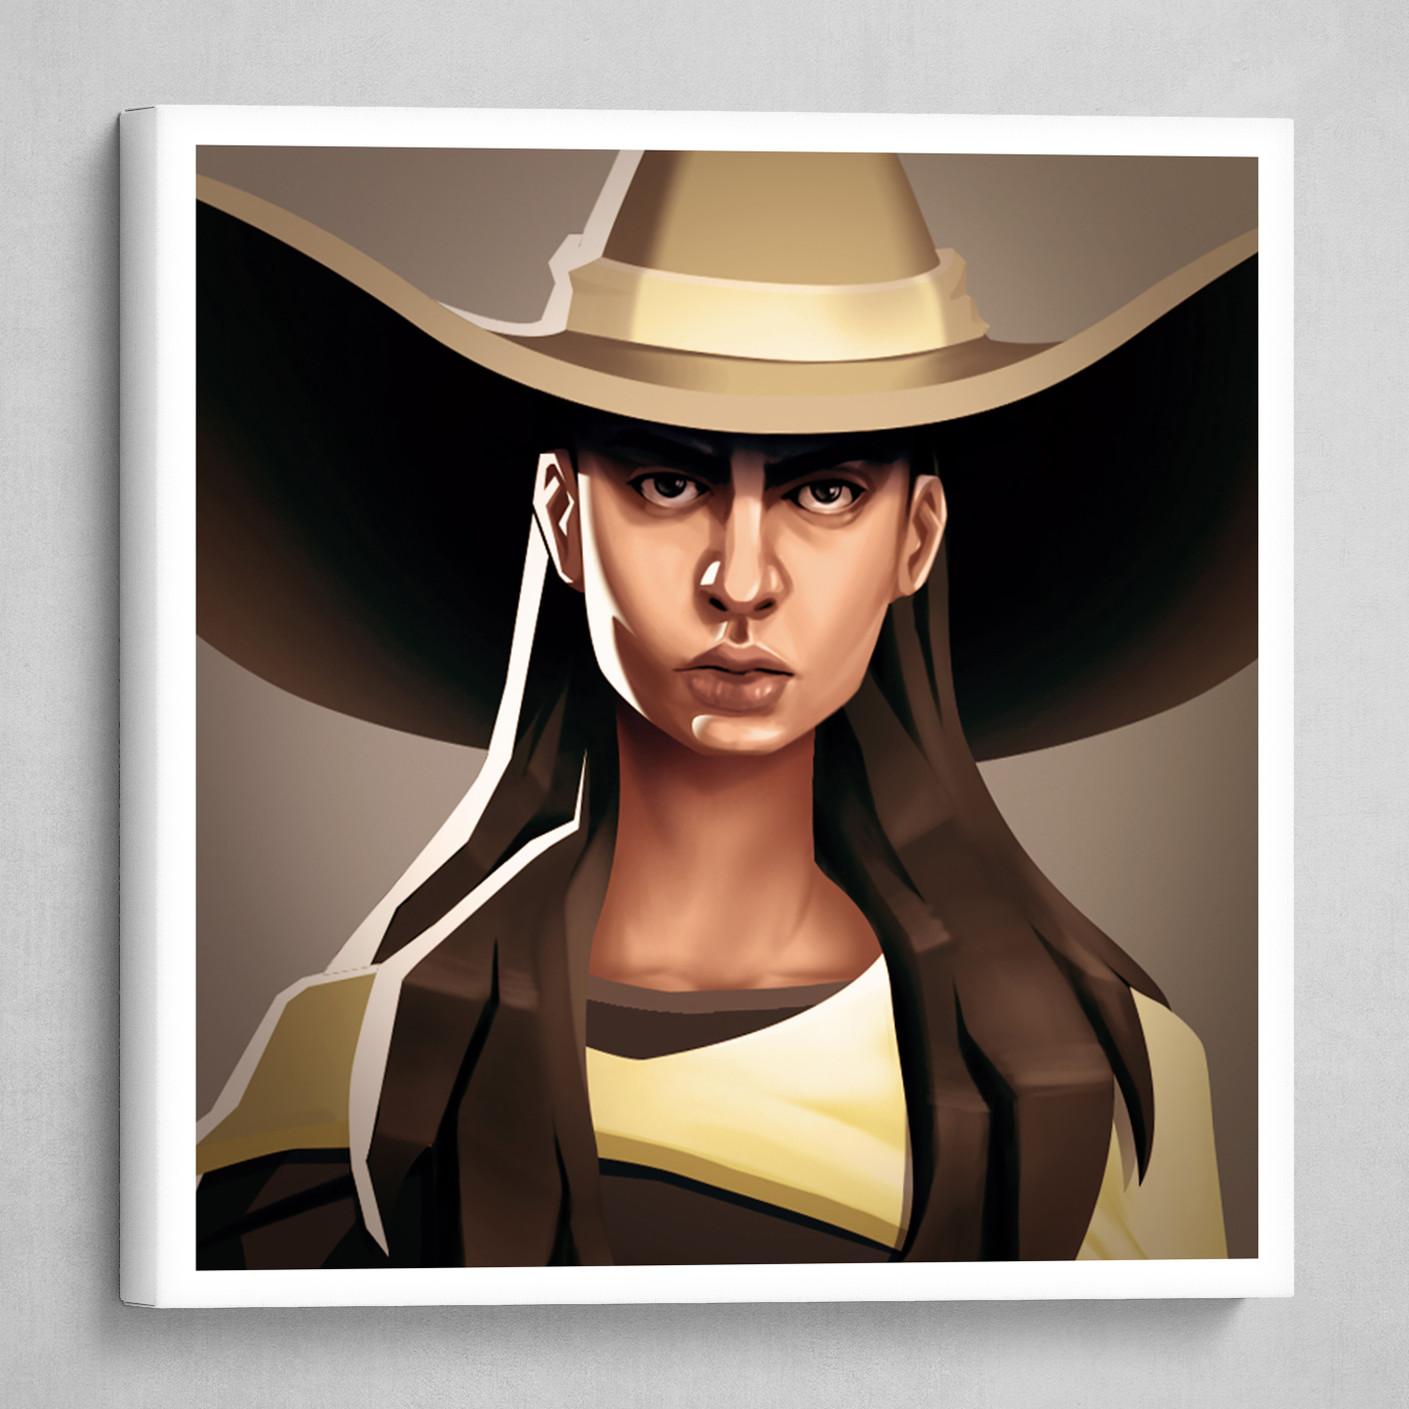 Cowboy - Woman